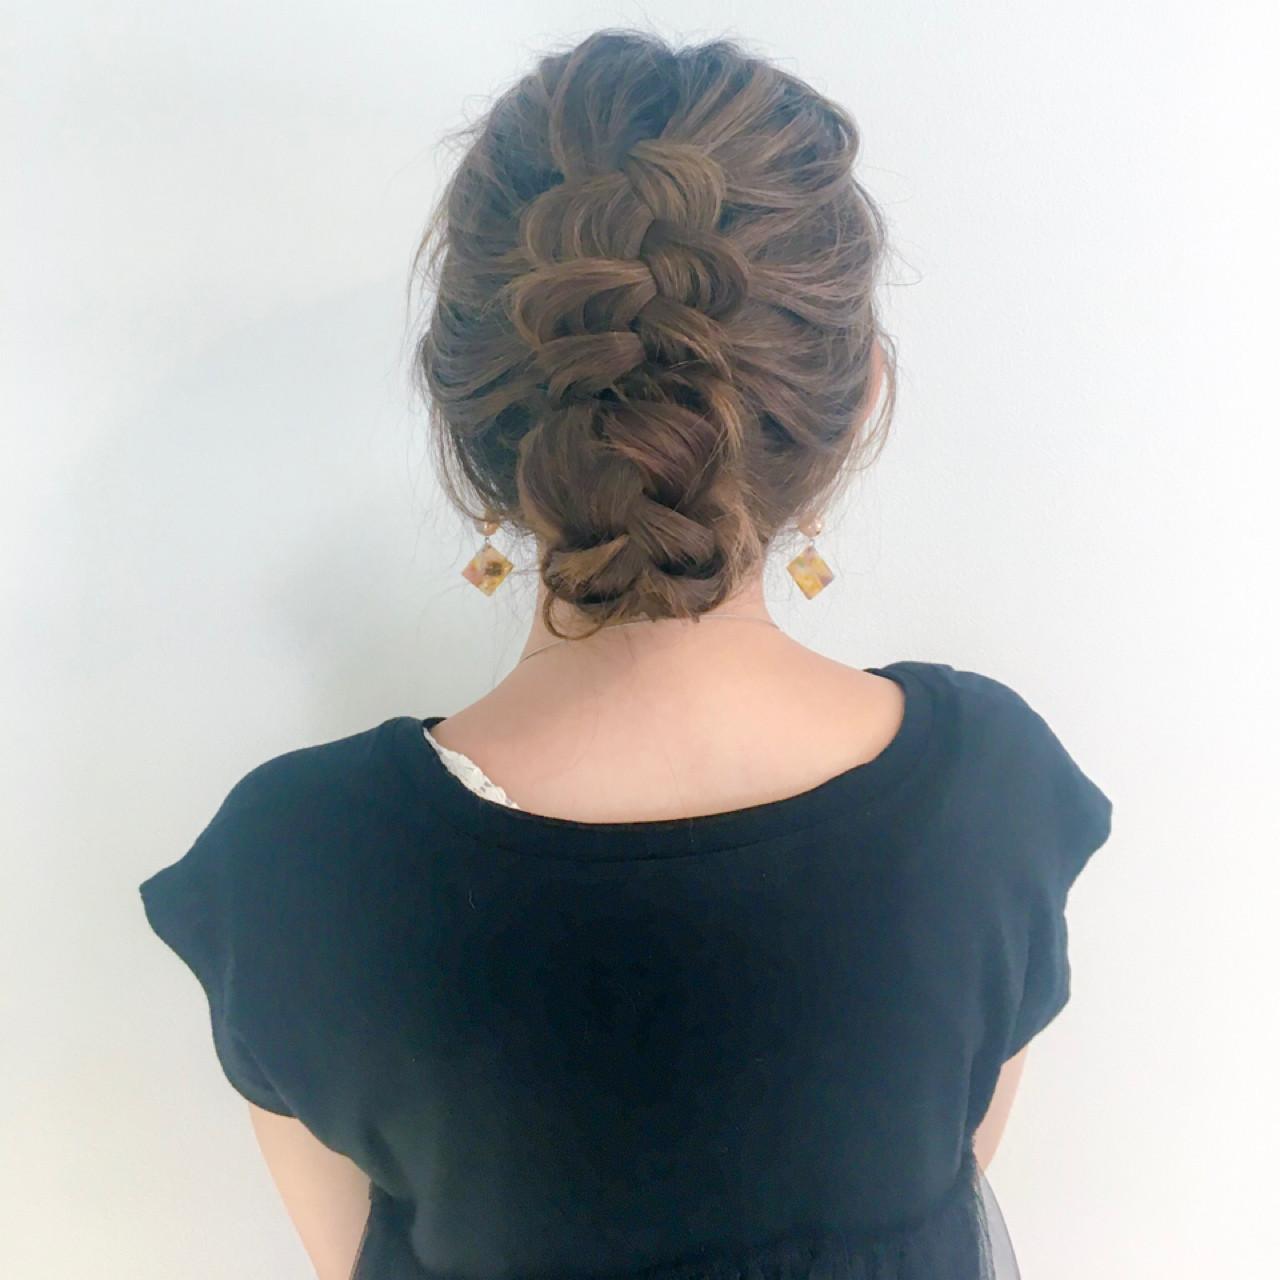 デート 上品 編み込み セミロング ヘアスタイルや髪型の写真・画像